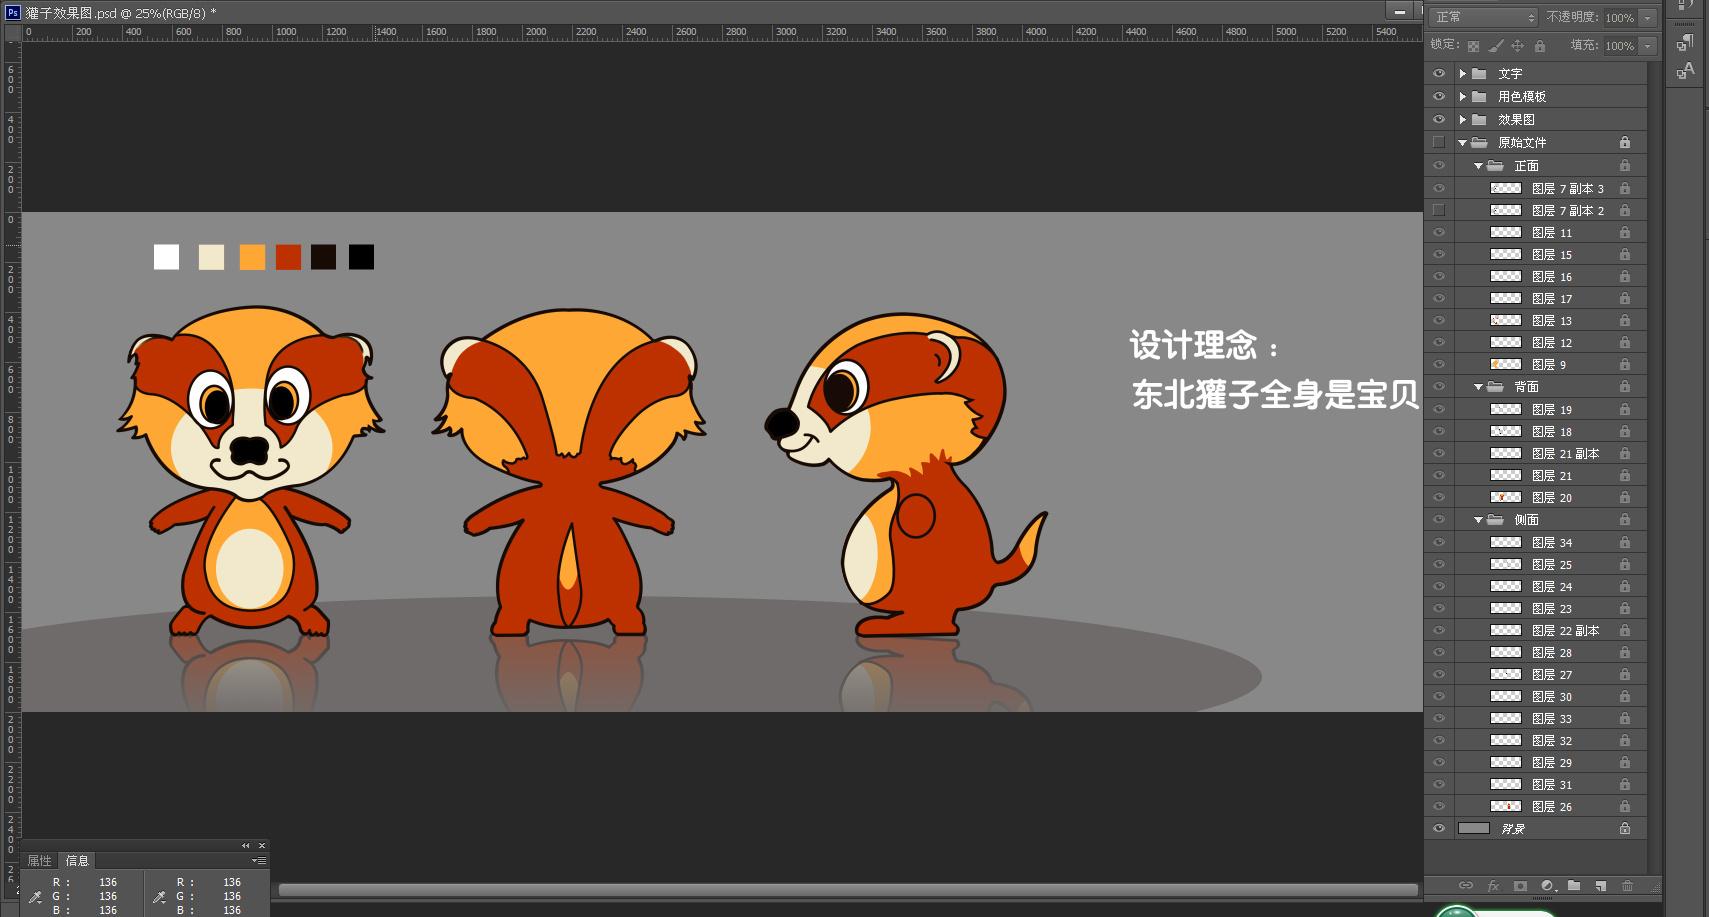 獾子-贝贝图片